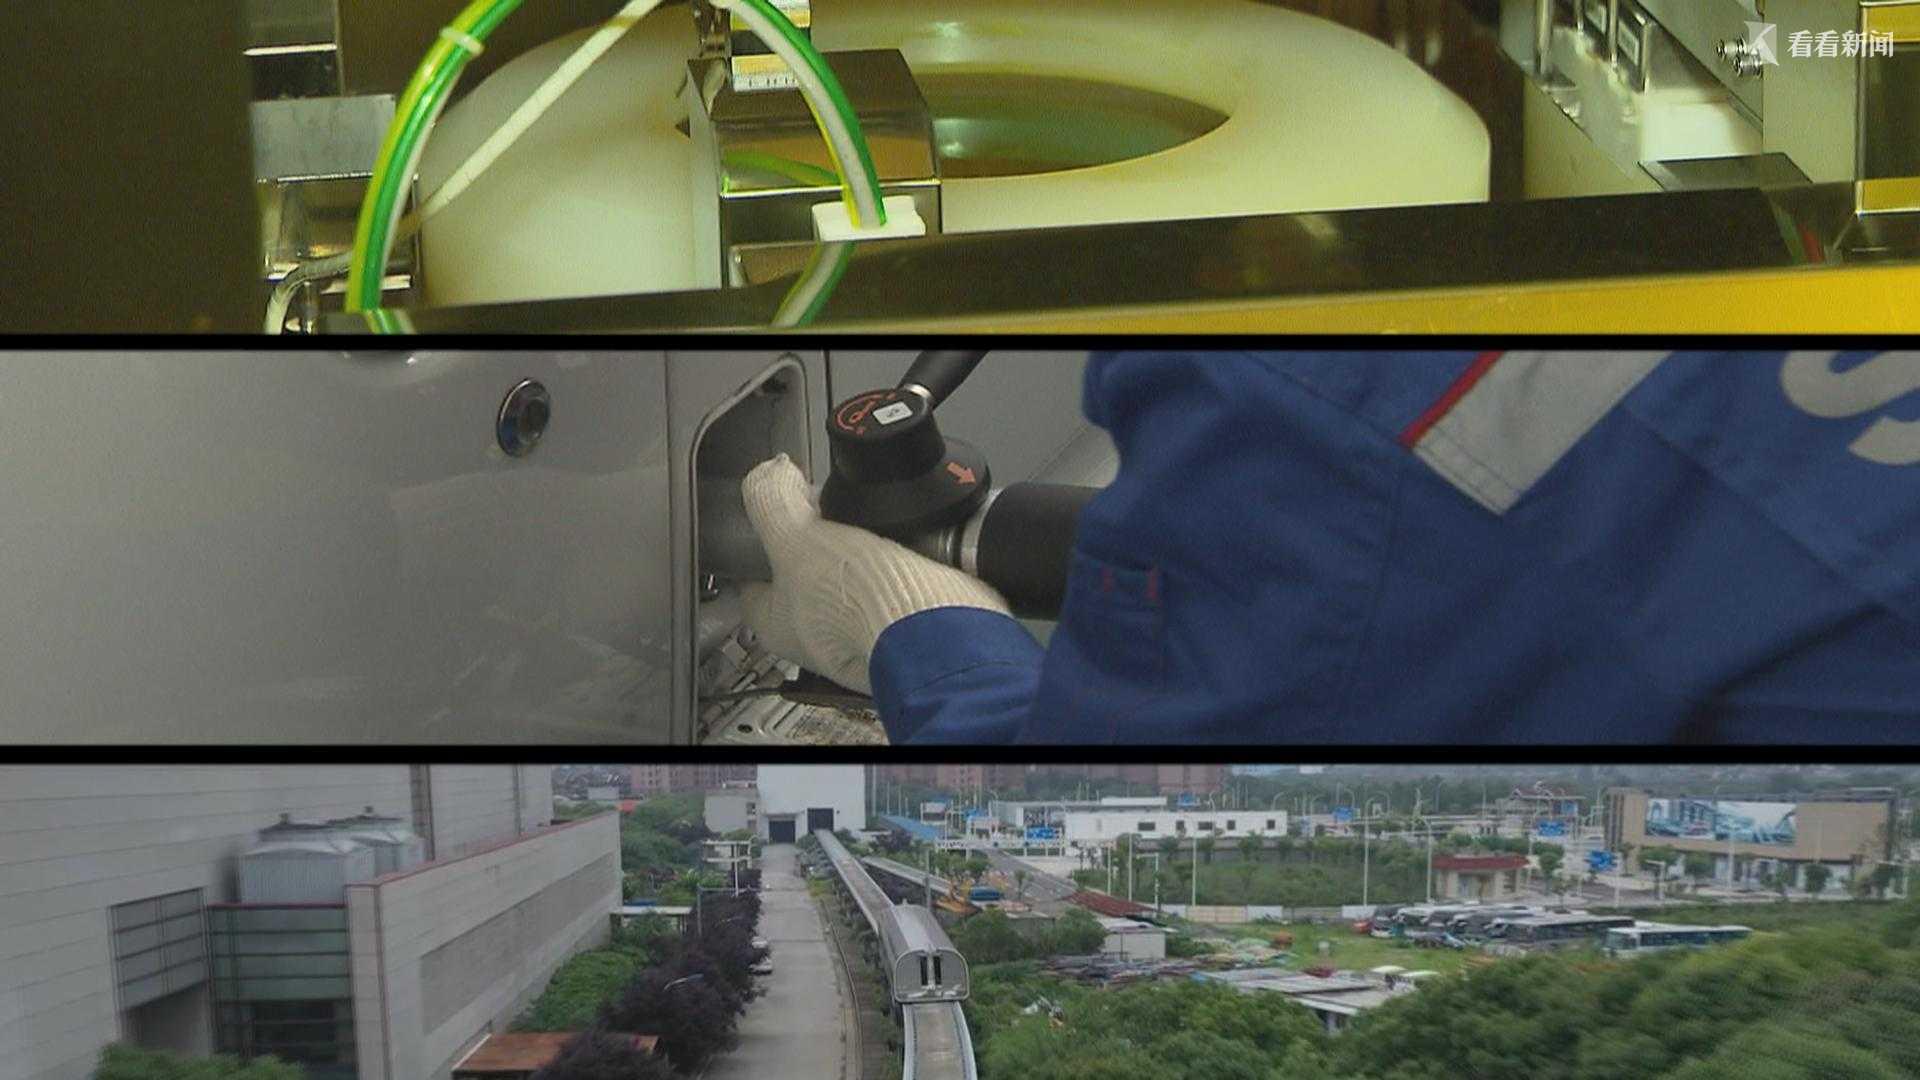 《【金牛3注册平台】视频 从《中国长三角》看长三角这一年》